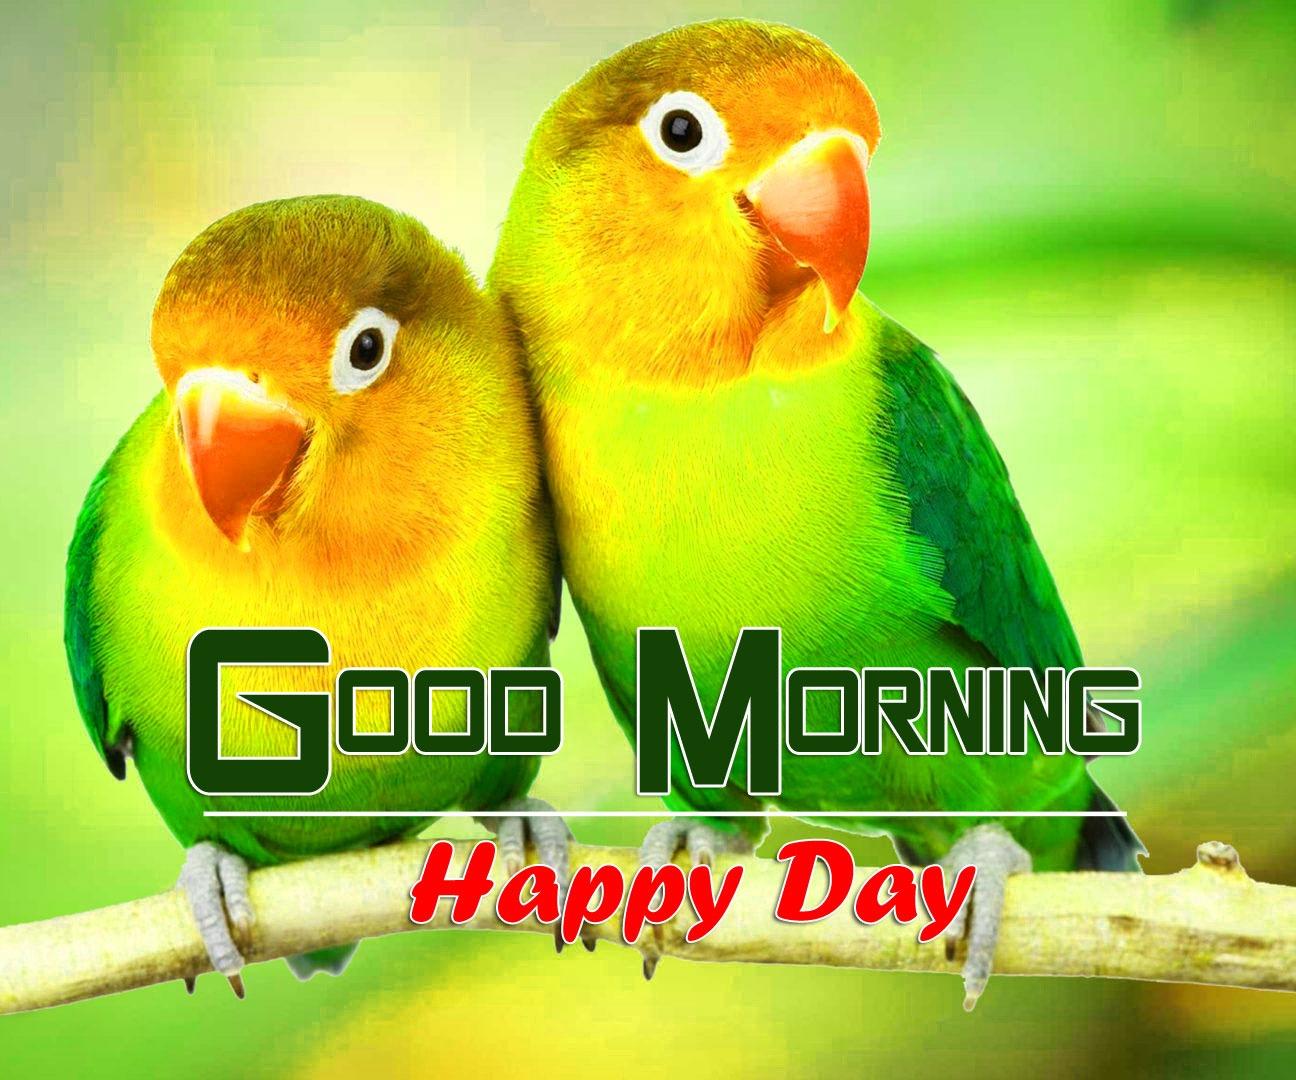 Beautiful tropical birds Co